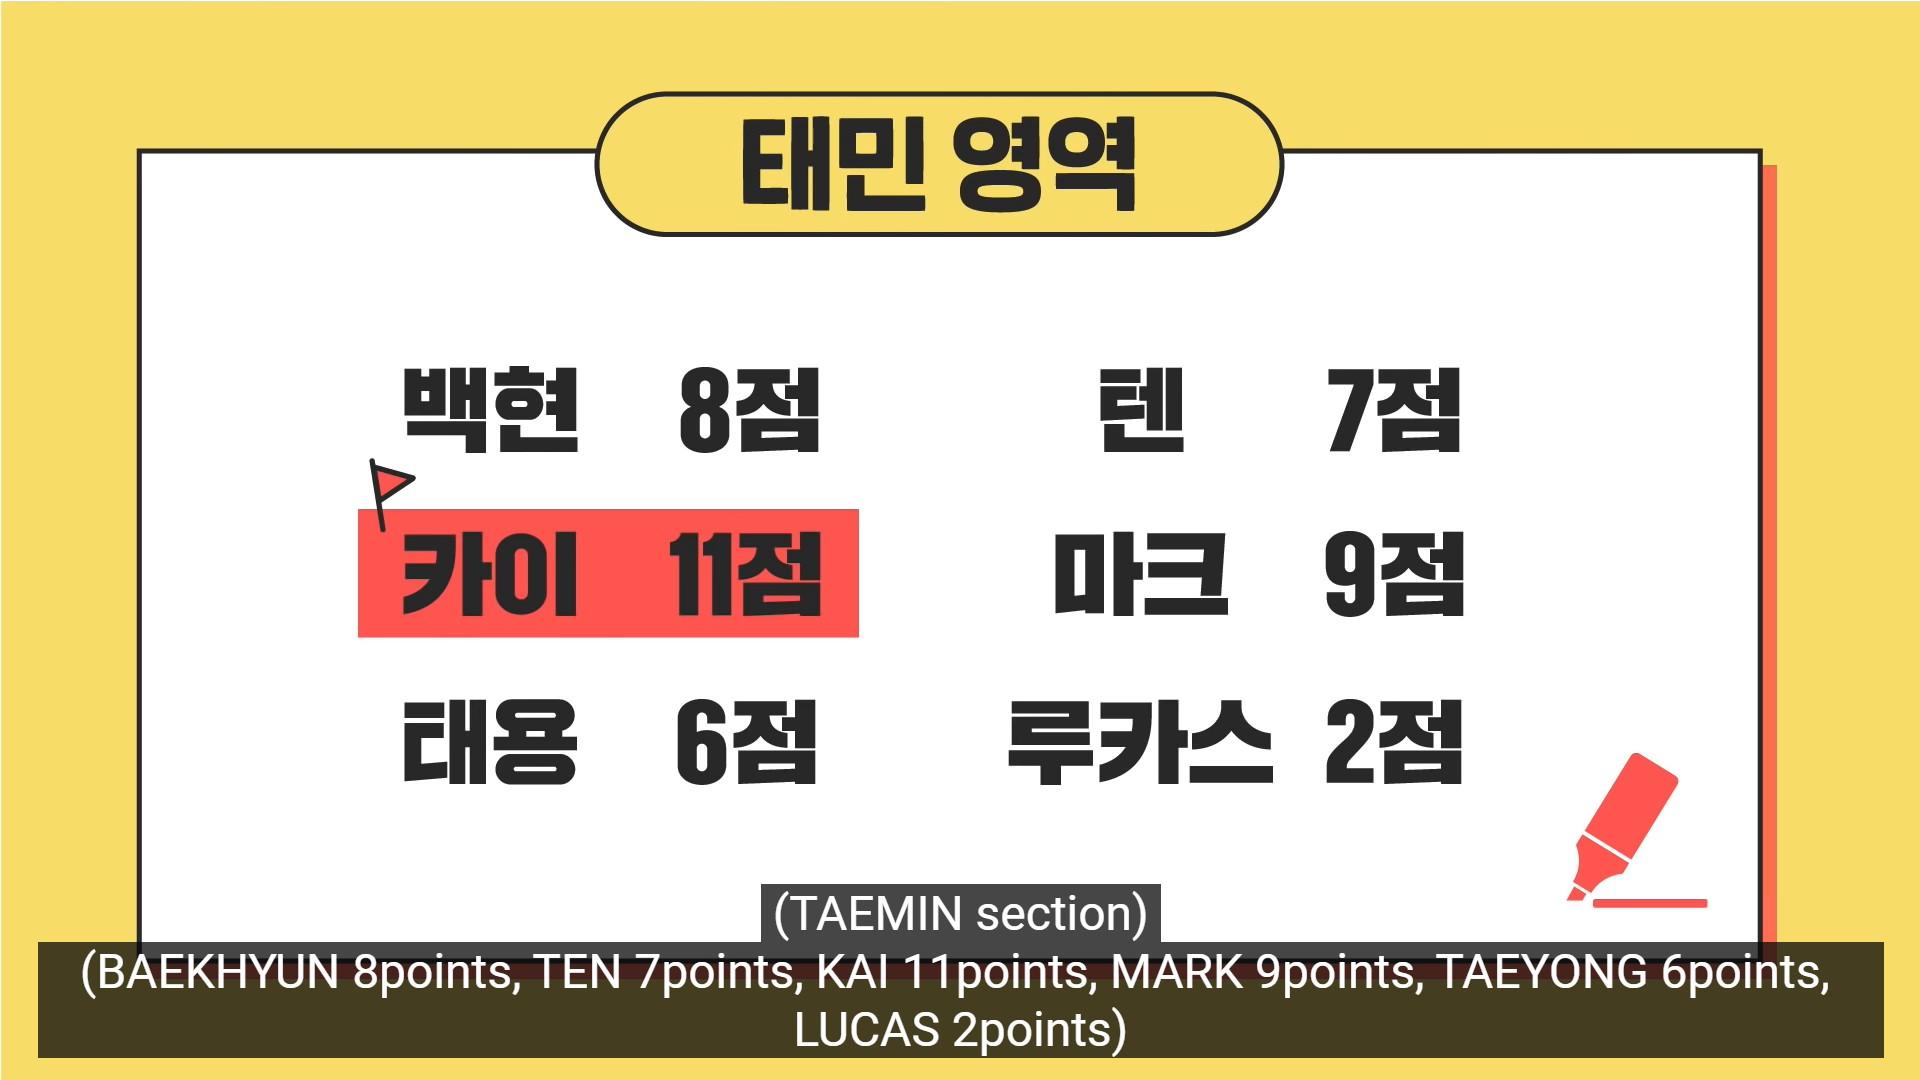 superm midterm exam taemin scores